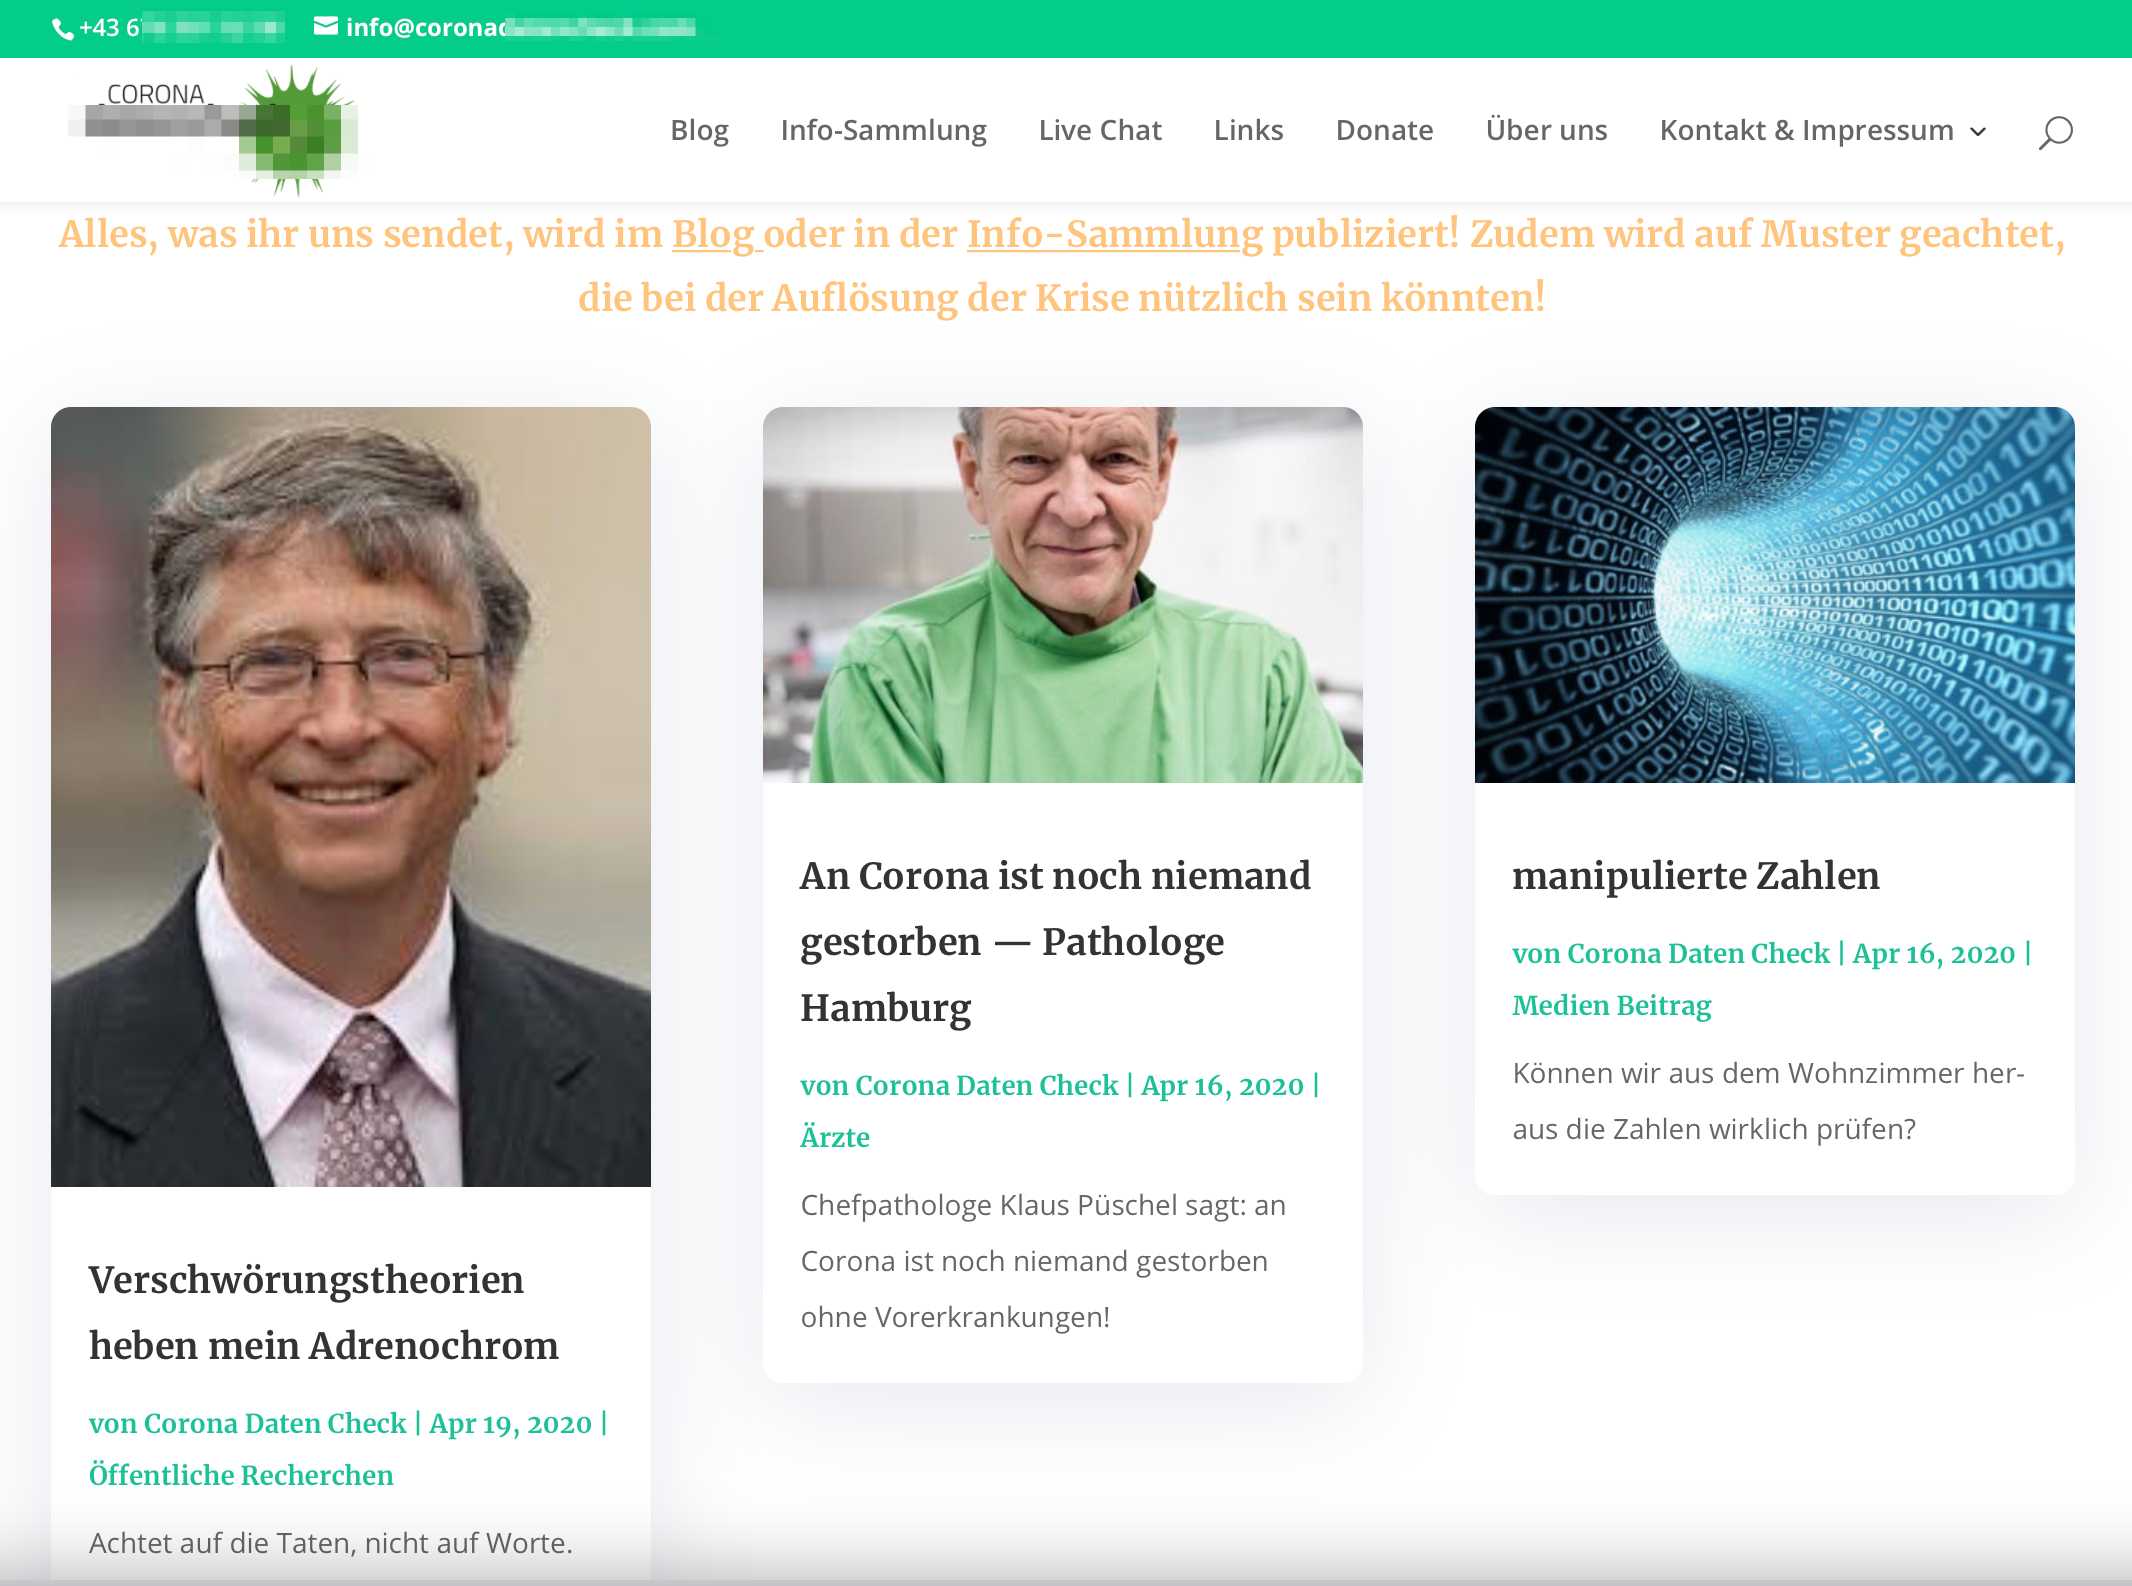 """Zahnmediziner: Verschwörungstheorien von Bill Gates, über Leugnung der Gefährlichkeit des Virus bis zu """"manipulierte Zahlen"""""""